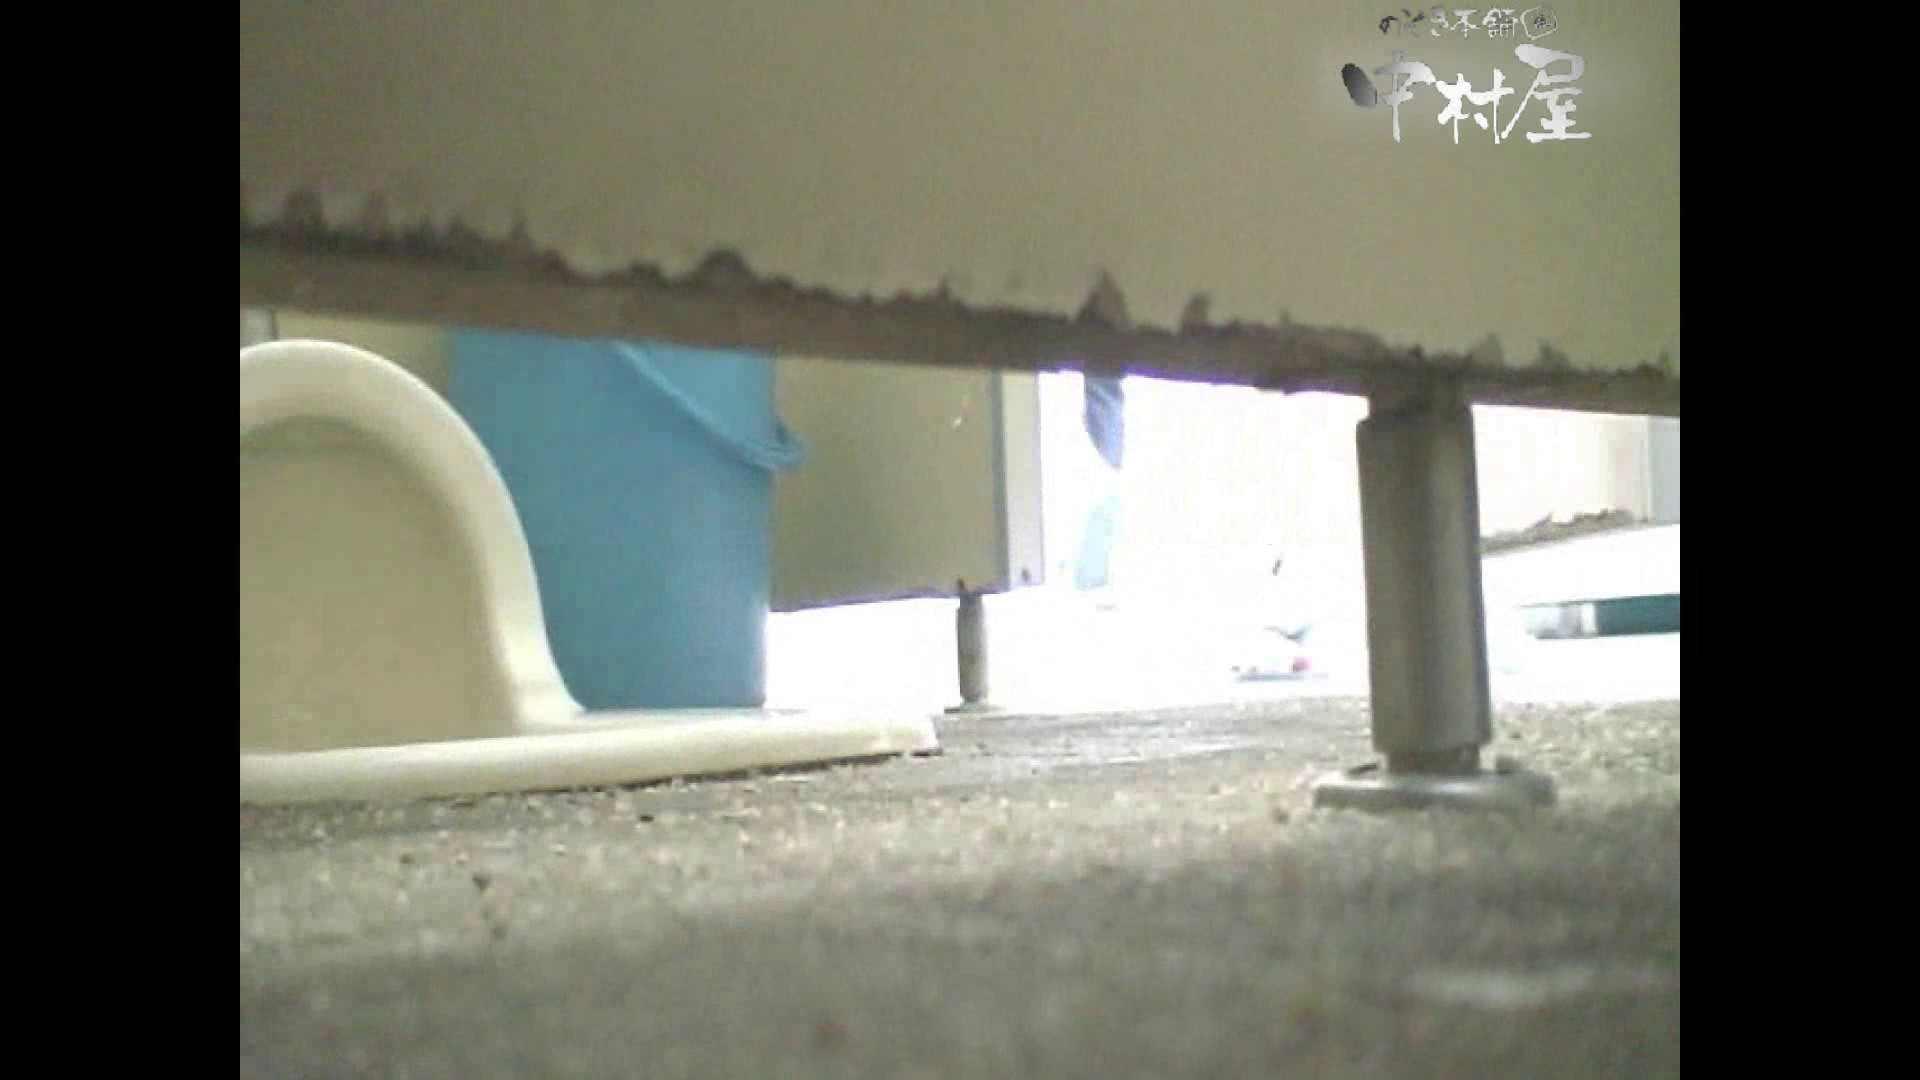 岩手県在住盗撮師盗撮記録vol.17 お姉さんのエロ動画 | 盗撮シリーズ  87PIX 6